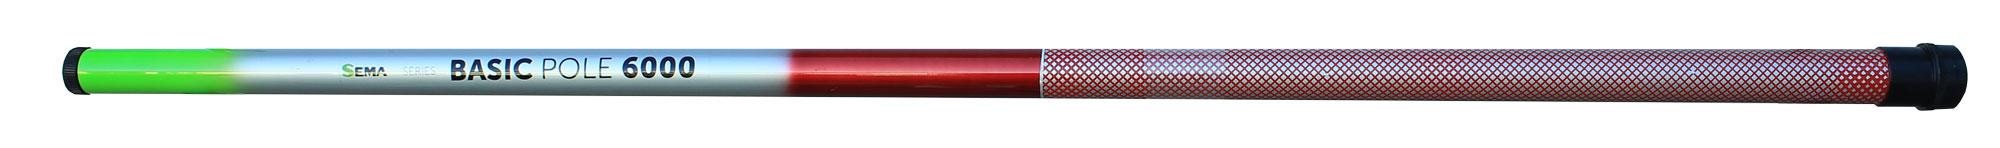 Basic Pole 600